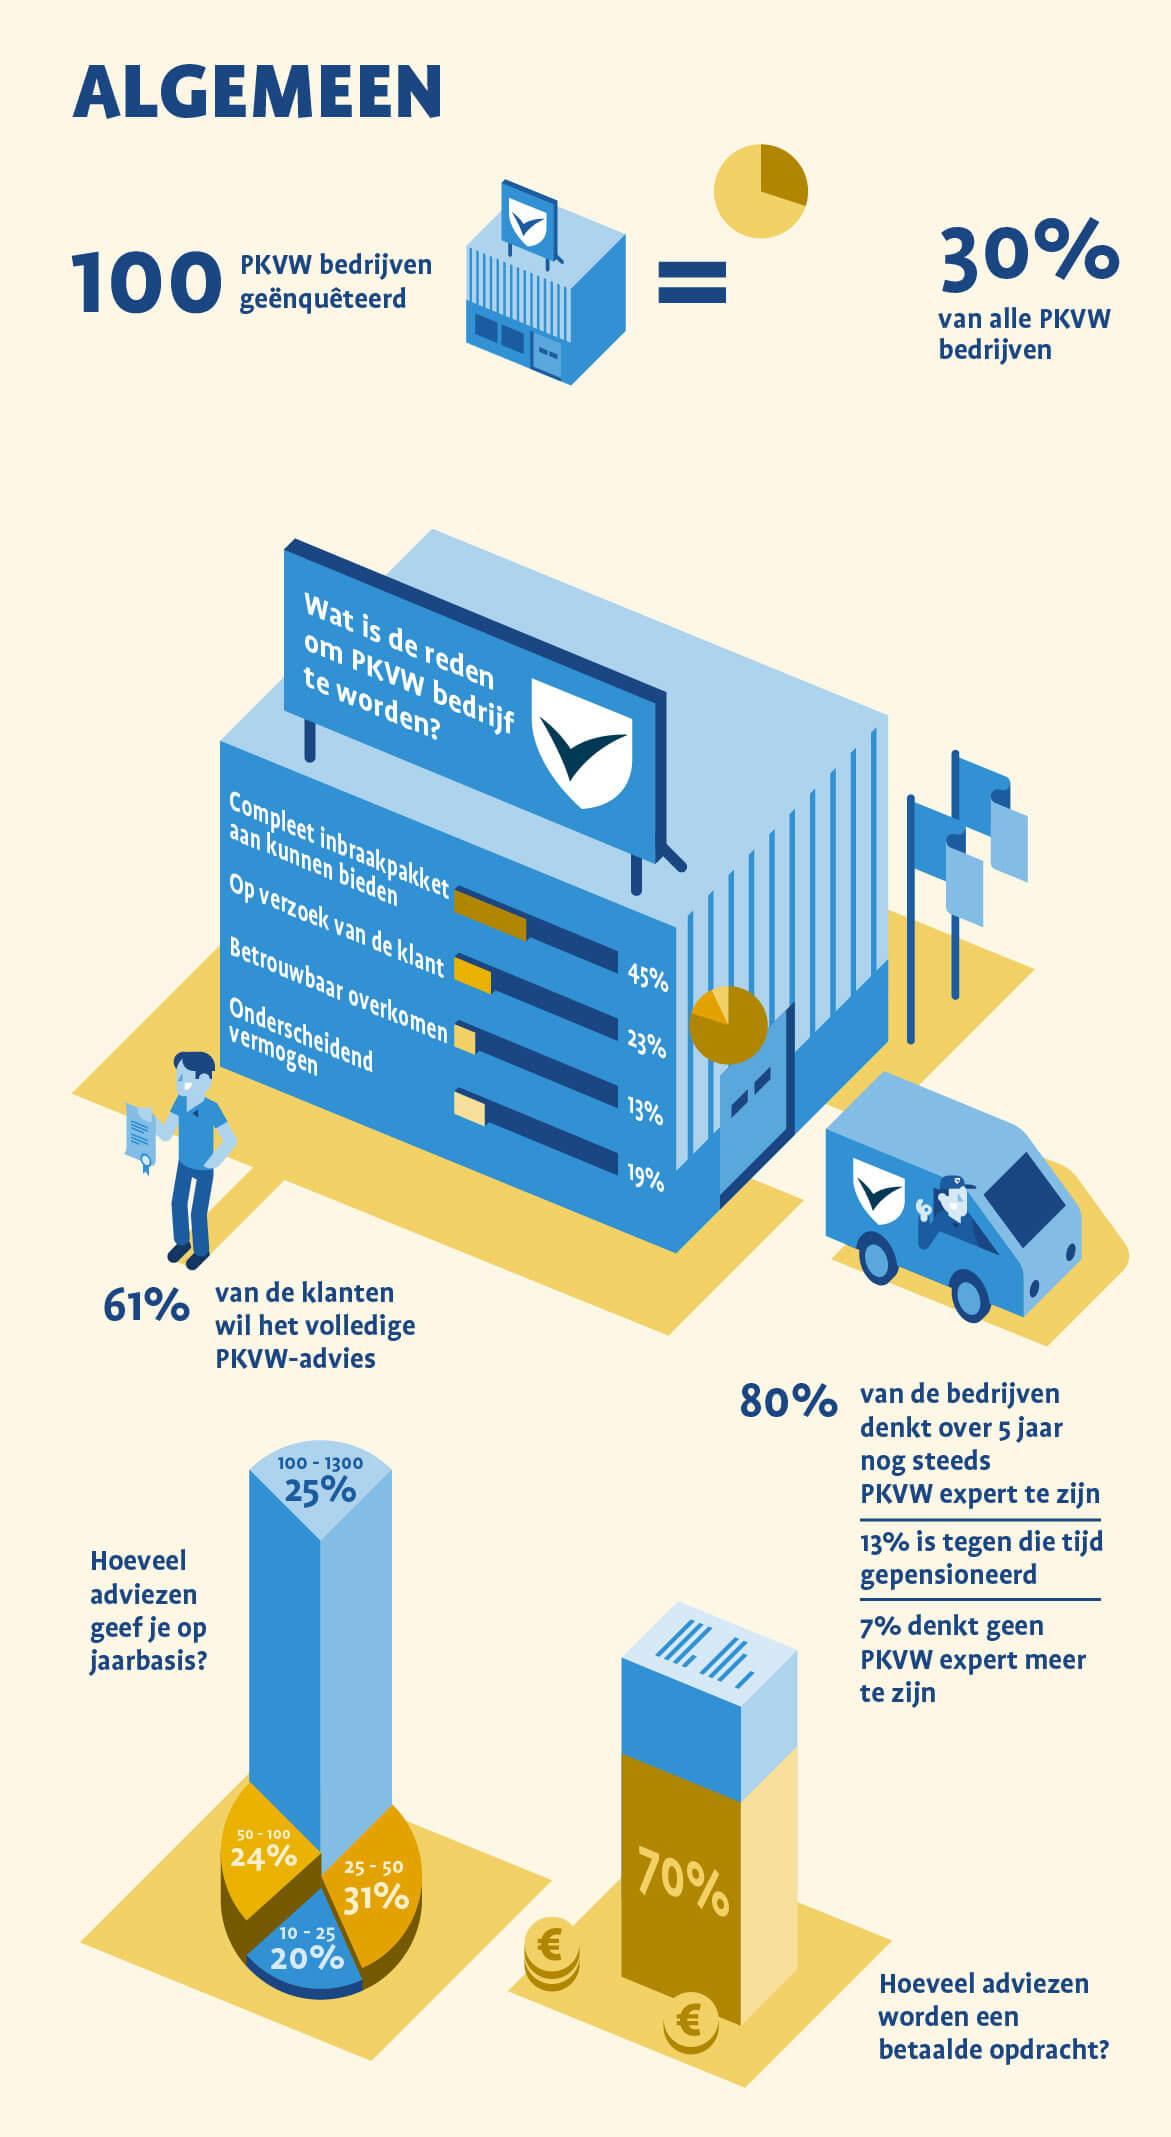 Infographic_CCV_Algemeen